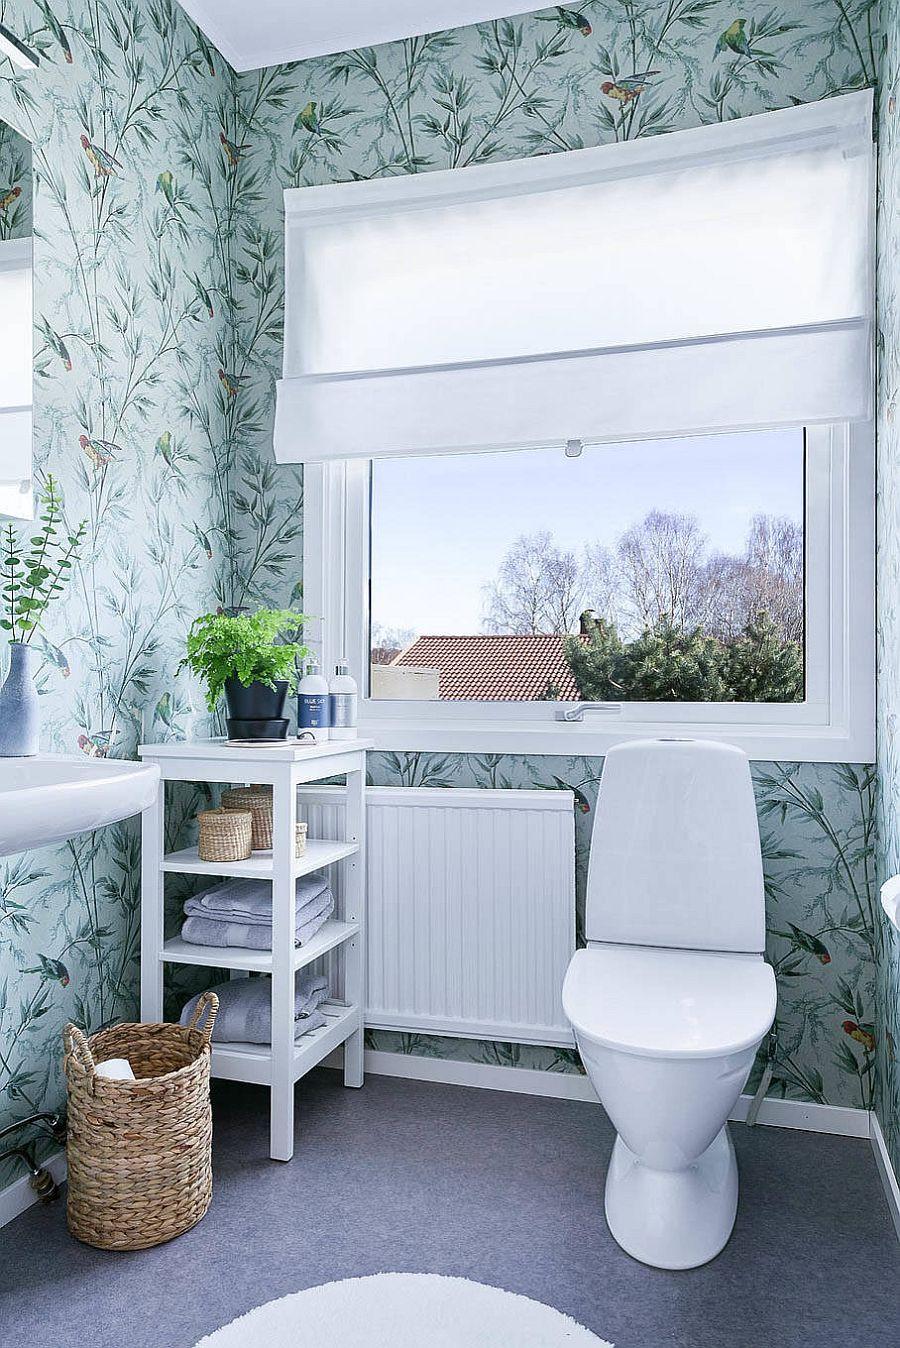 Salle d'eau de style scandinave moderne avec papier peint à motifs floraux et toile de fond bleu clair